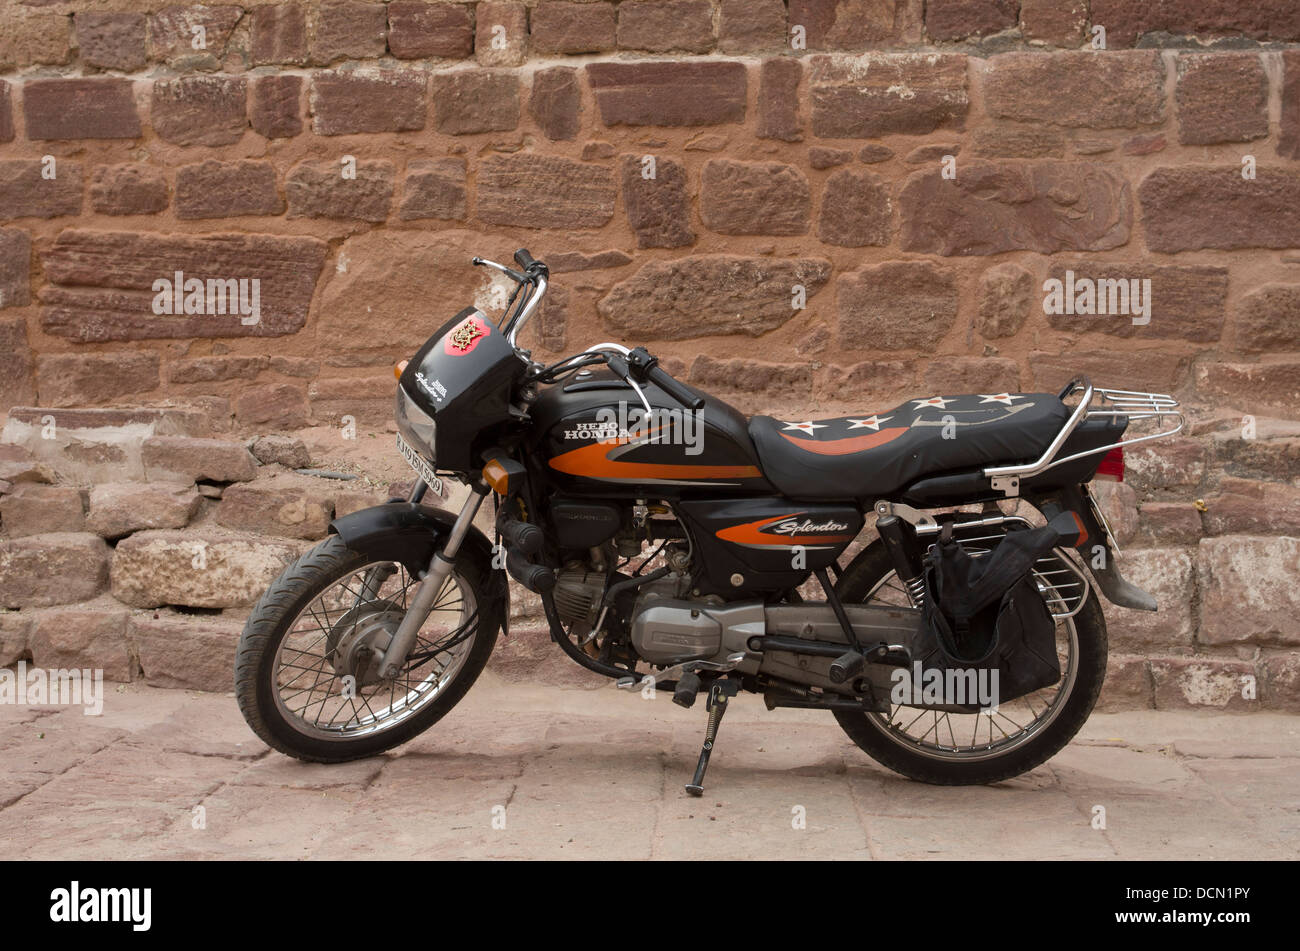 Honda Hero Motorbike -  Jodhpur, India Stock Photo